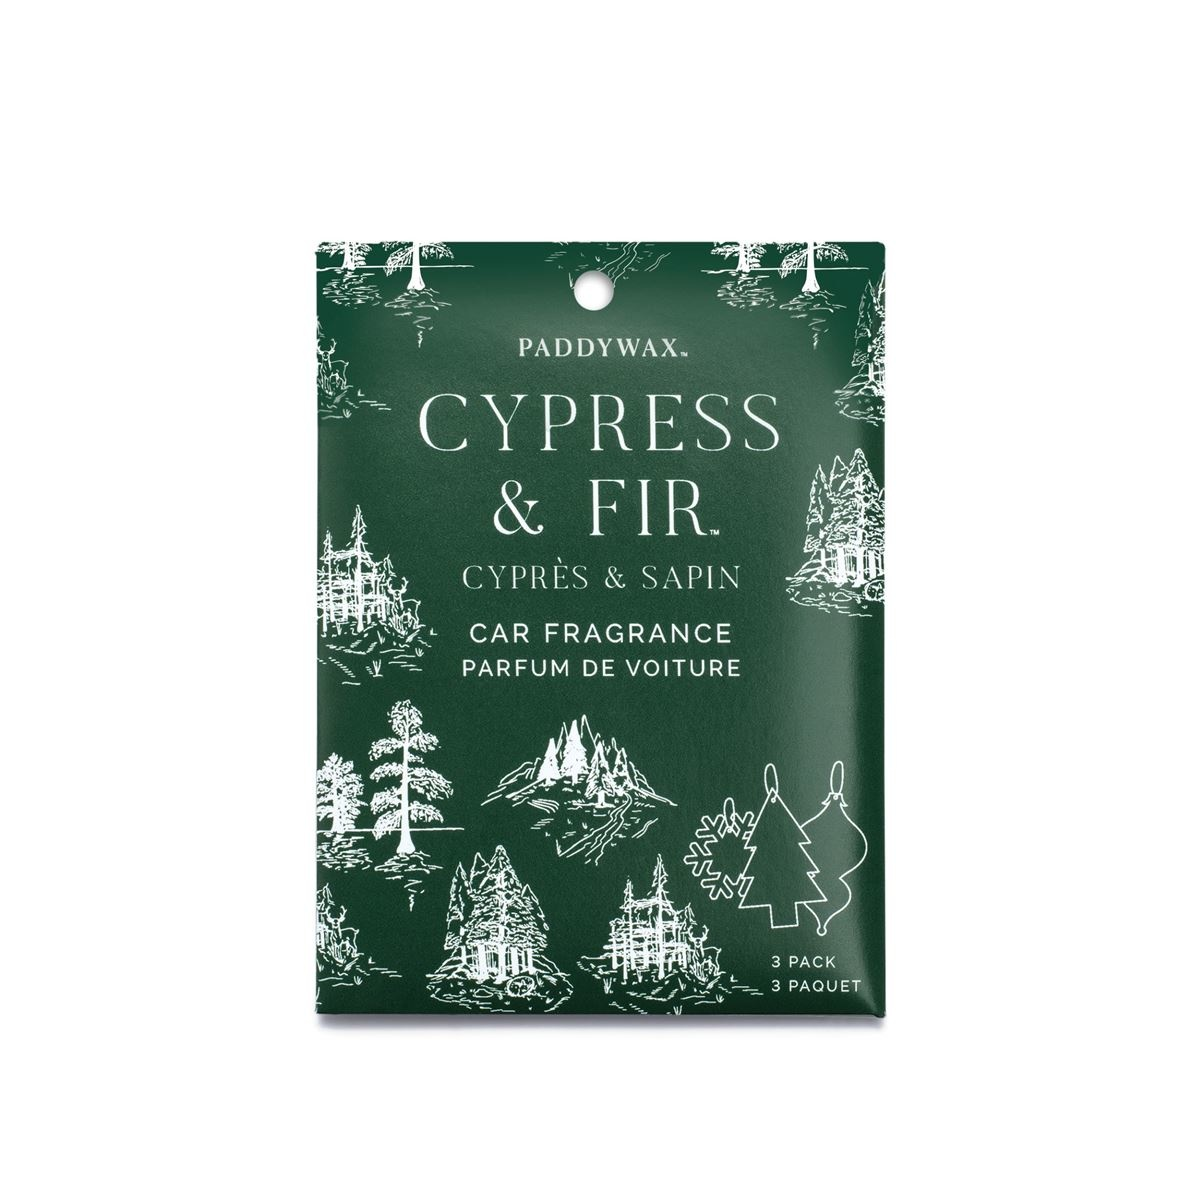 Paddywax - PA Cypress & Fir Air Freshener (car fragrance)